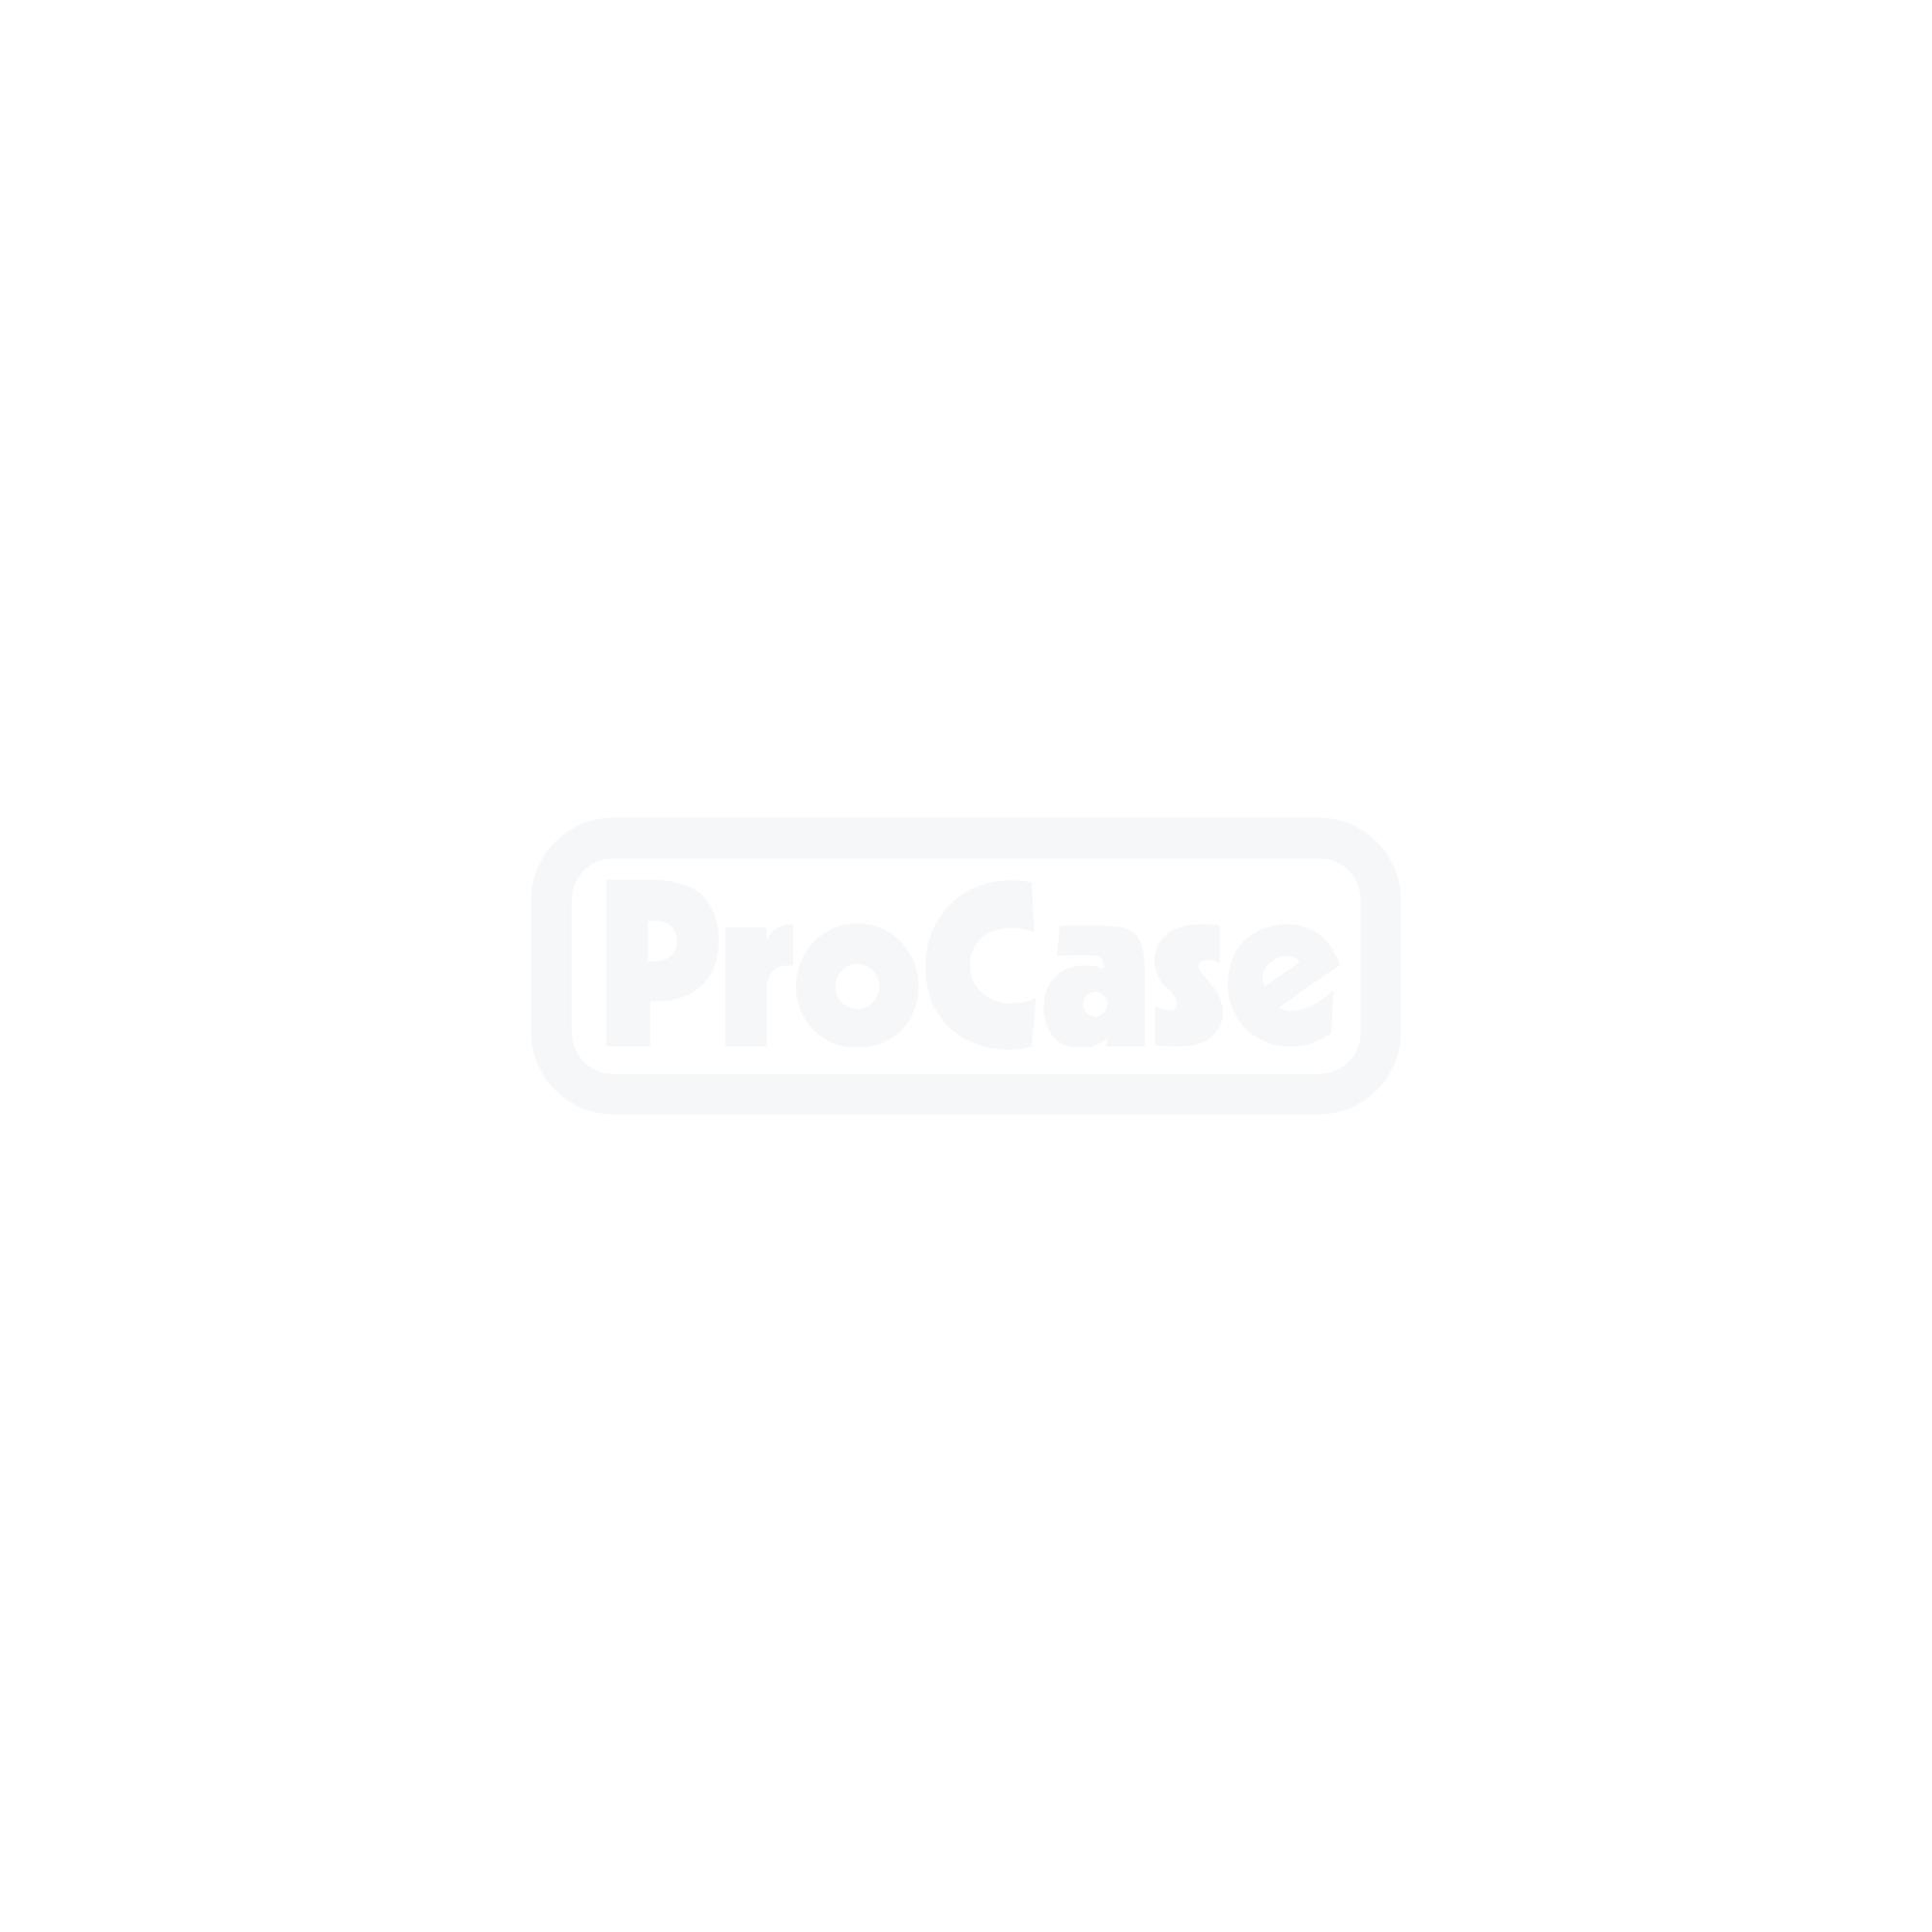 Inbussschlüssel für Stack-Racks